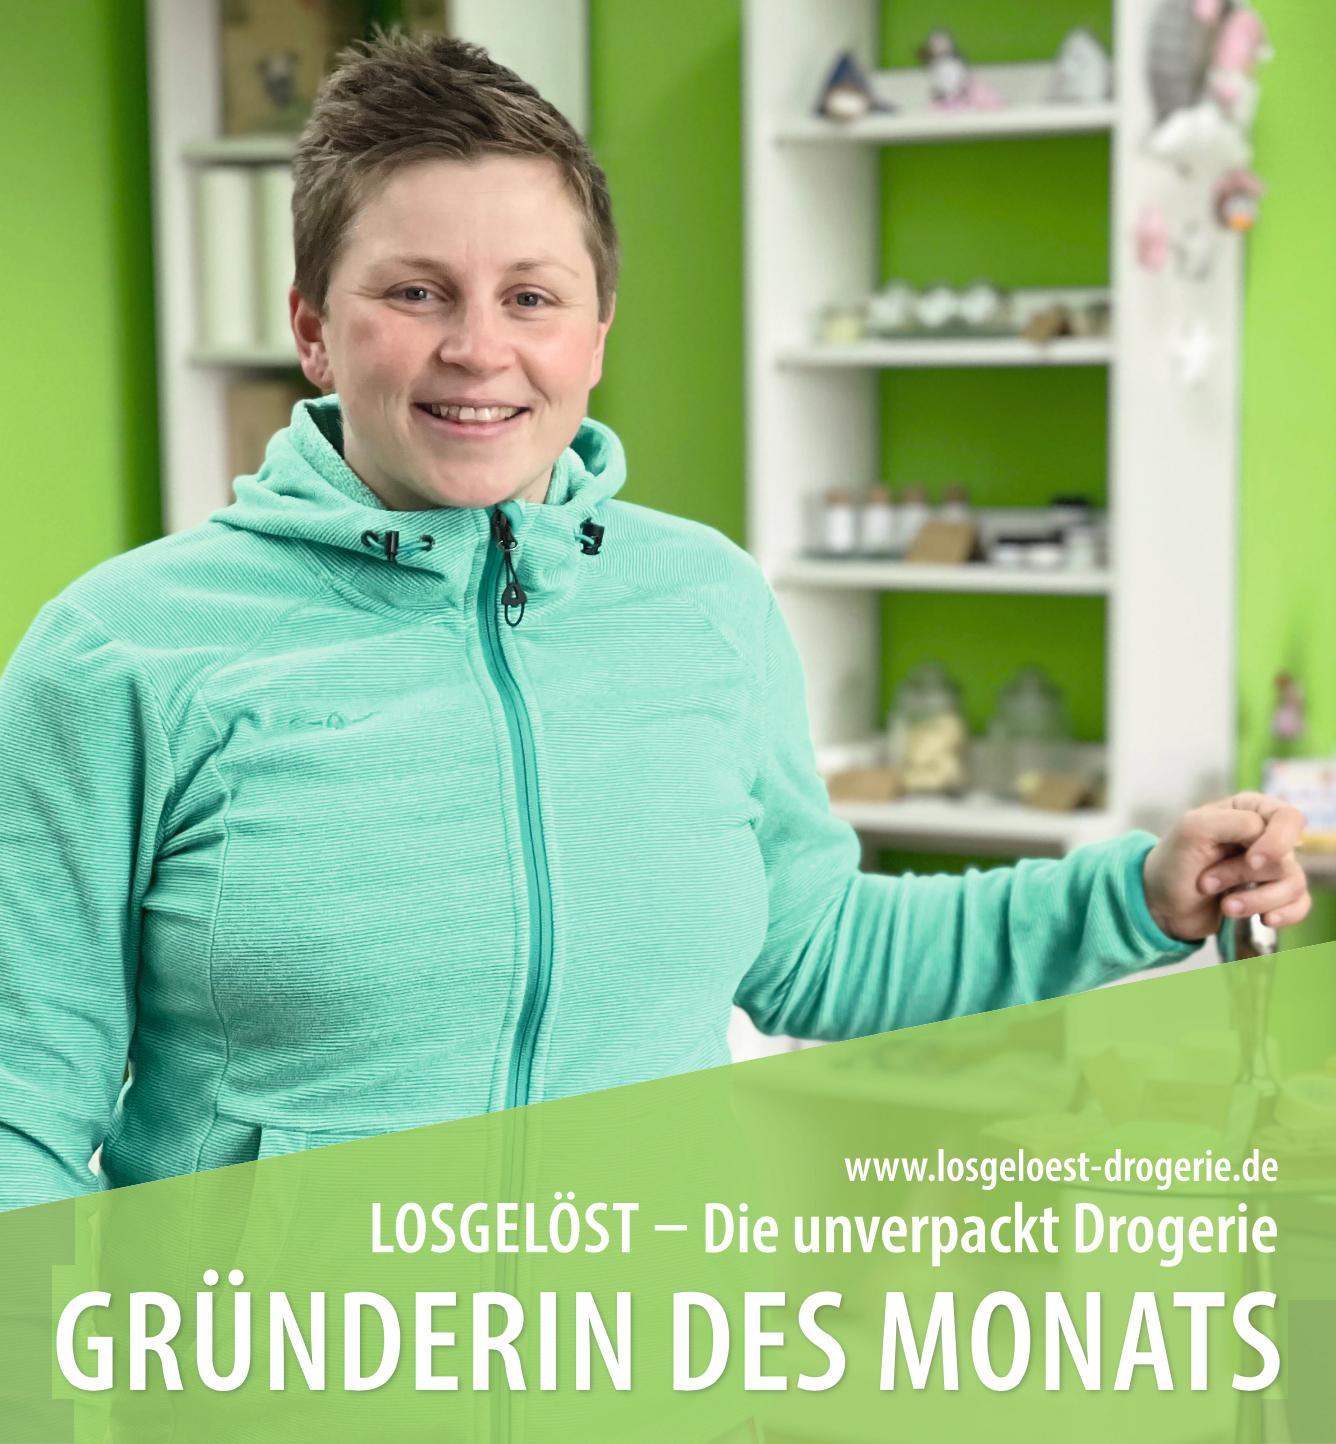 Jule Hirsch Gründerin der Losgelöst unverpackt Drogerie